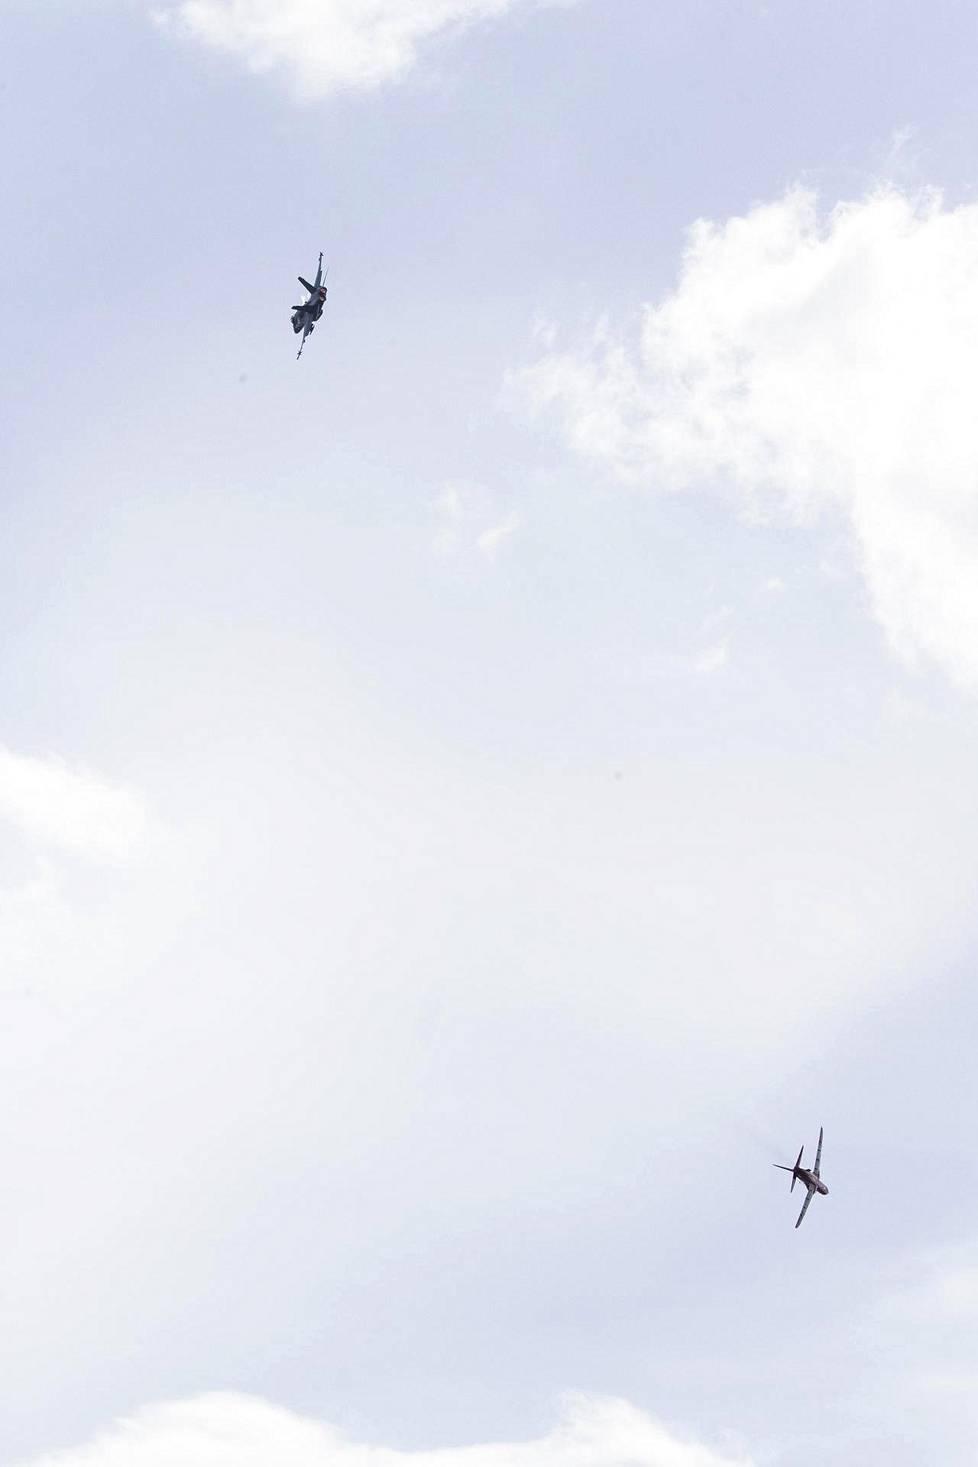 Hornet ja Hawk nähtiin vertailussa taivaalla.